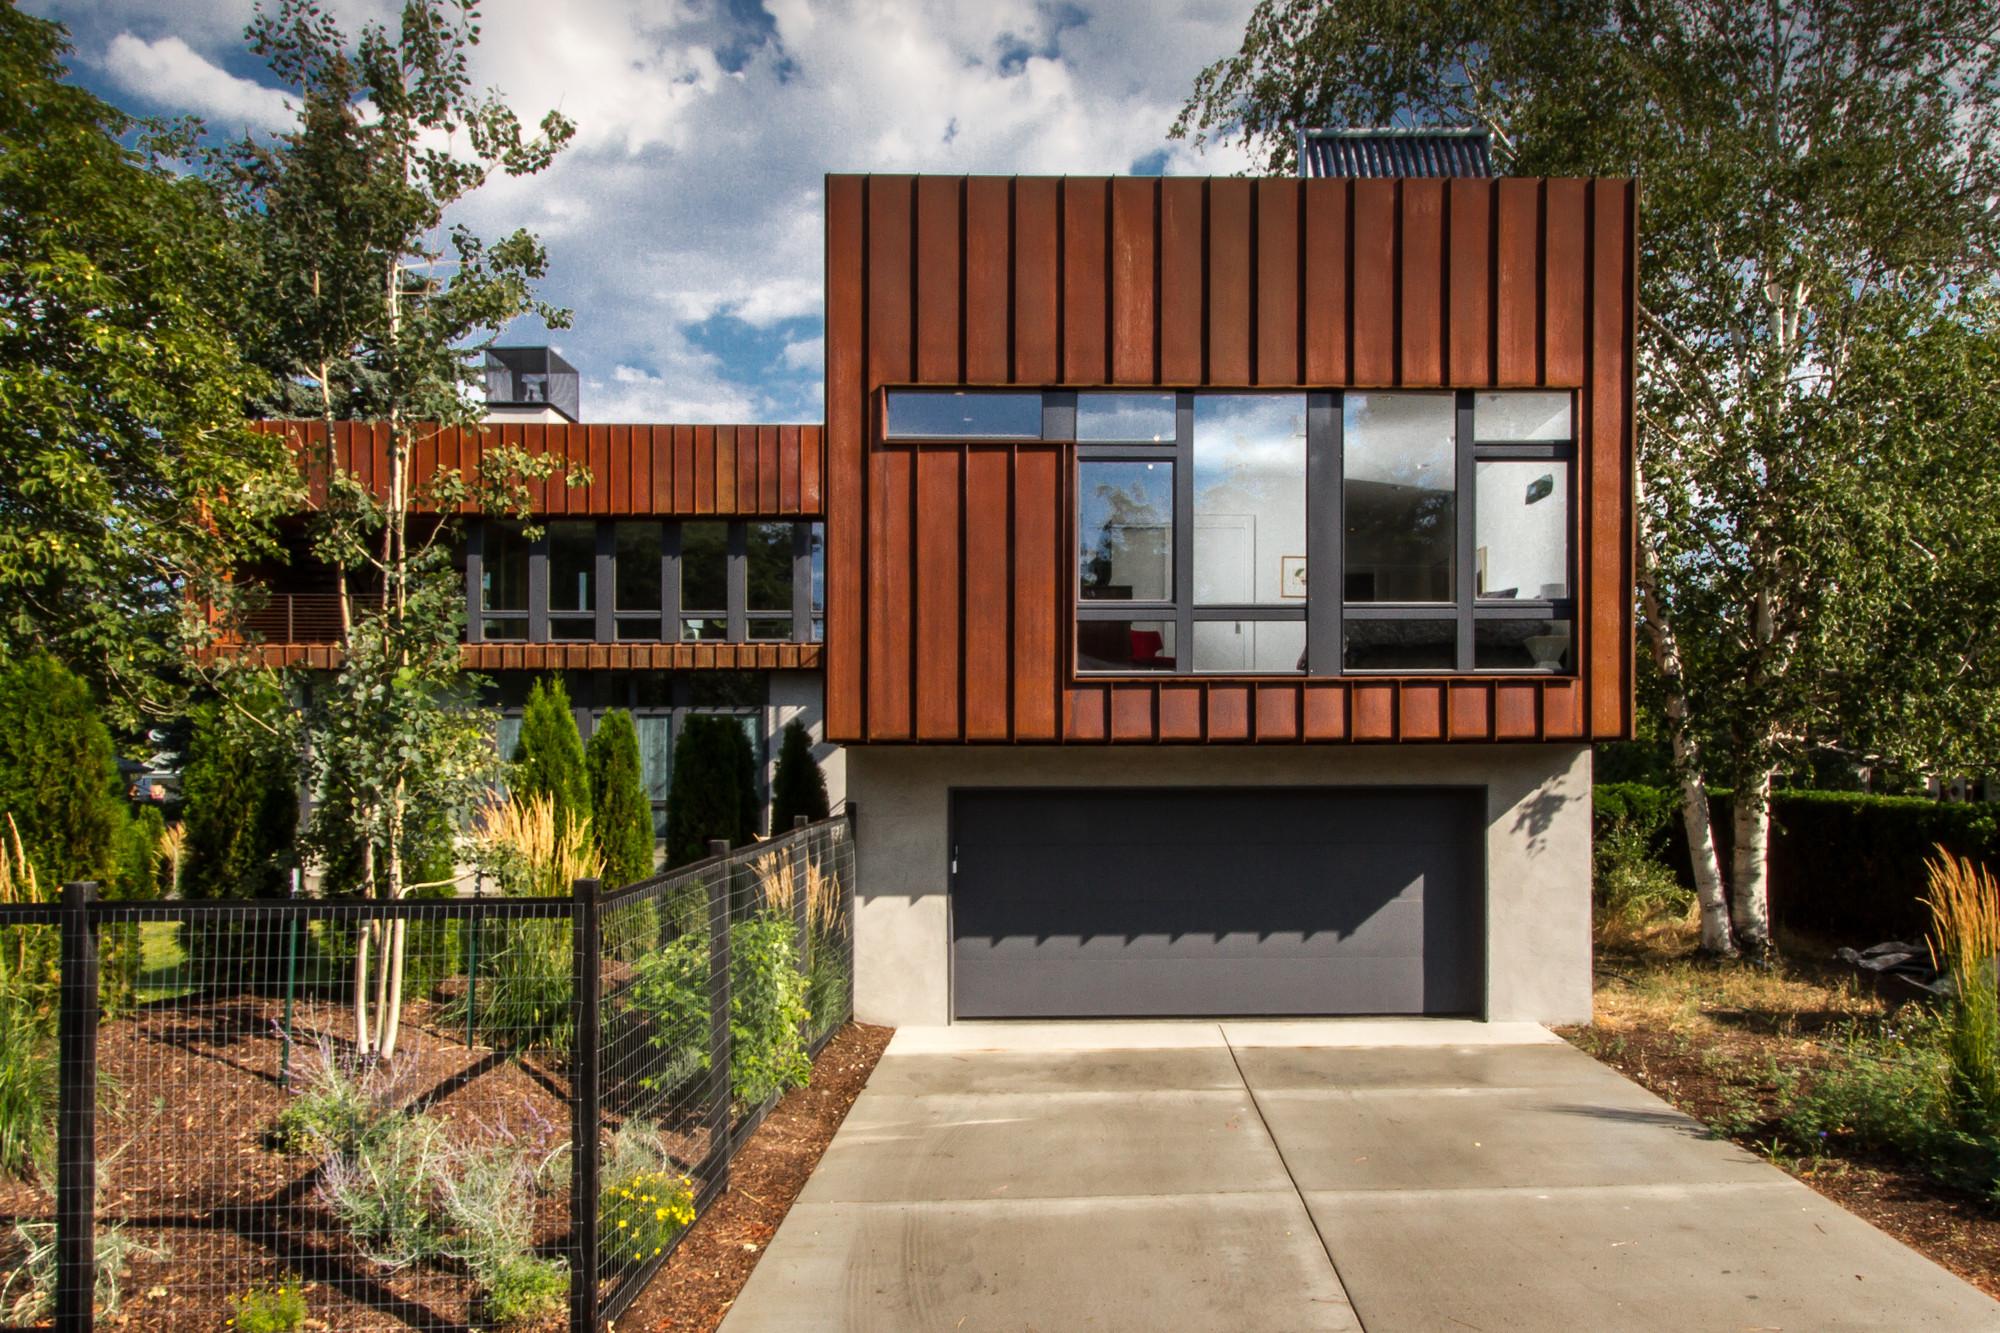 Wren Residence / Chris Pardo Design: Elemental Architecture, © Steven Begleiter